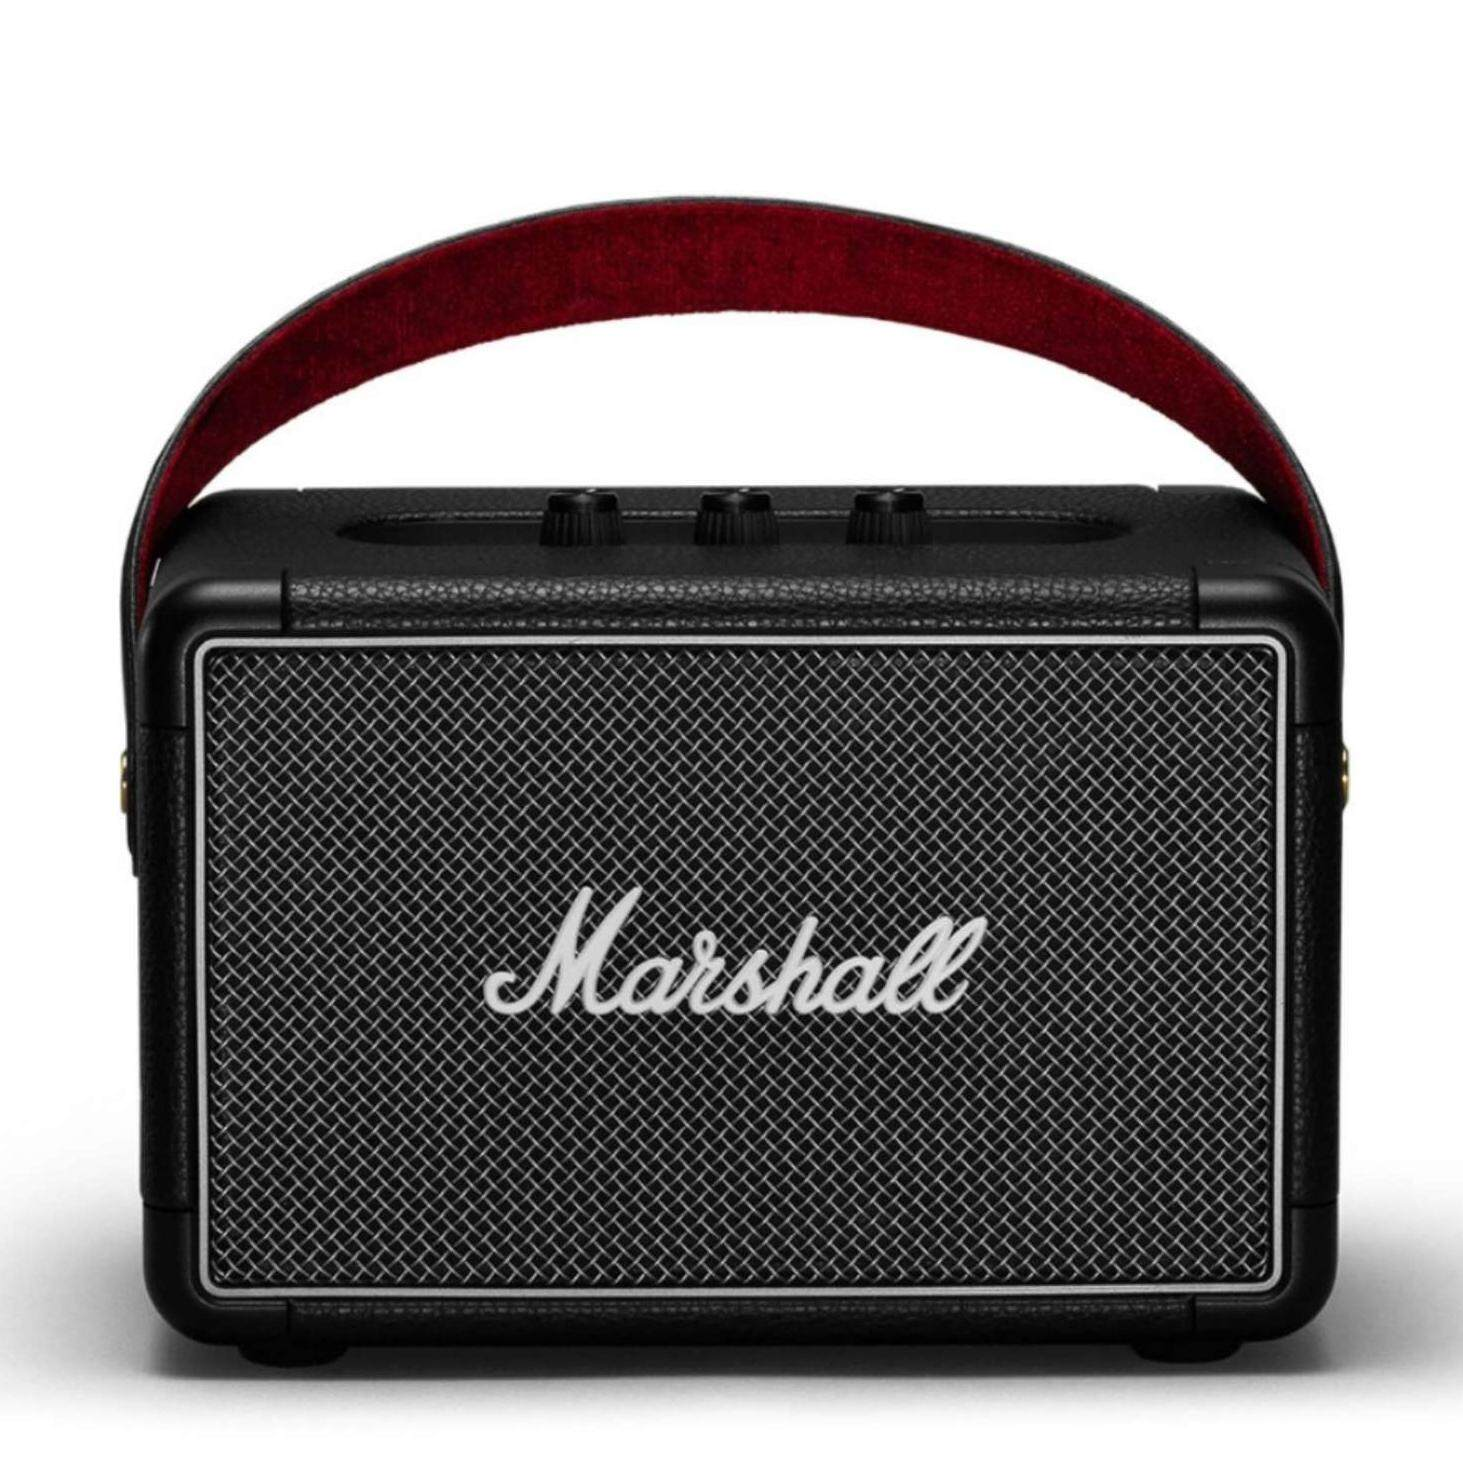 ยี่ห้อไหนดี  นครสวรรค์ ลดราคาพิเศษ Marshall kilburnII.รุ่นใหม่พกพาง่ายเสียงหนักแน่น  ฟังเพราะฟังสบายได้ทุกที่ แบเตอรี่นาน20 ชม. ลดสูงสุดmarshall